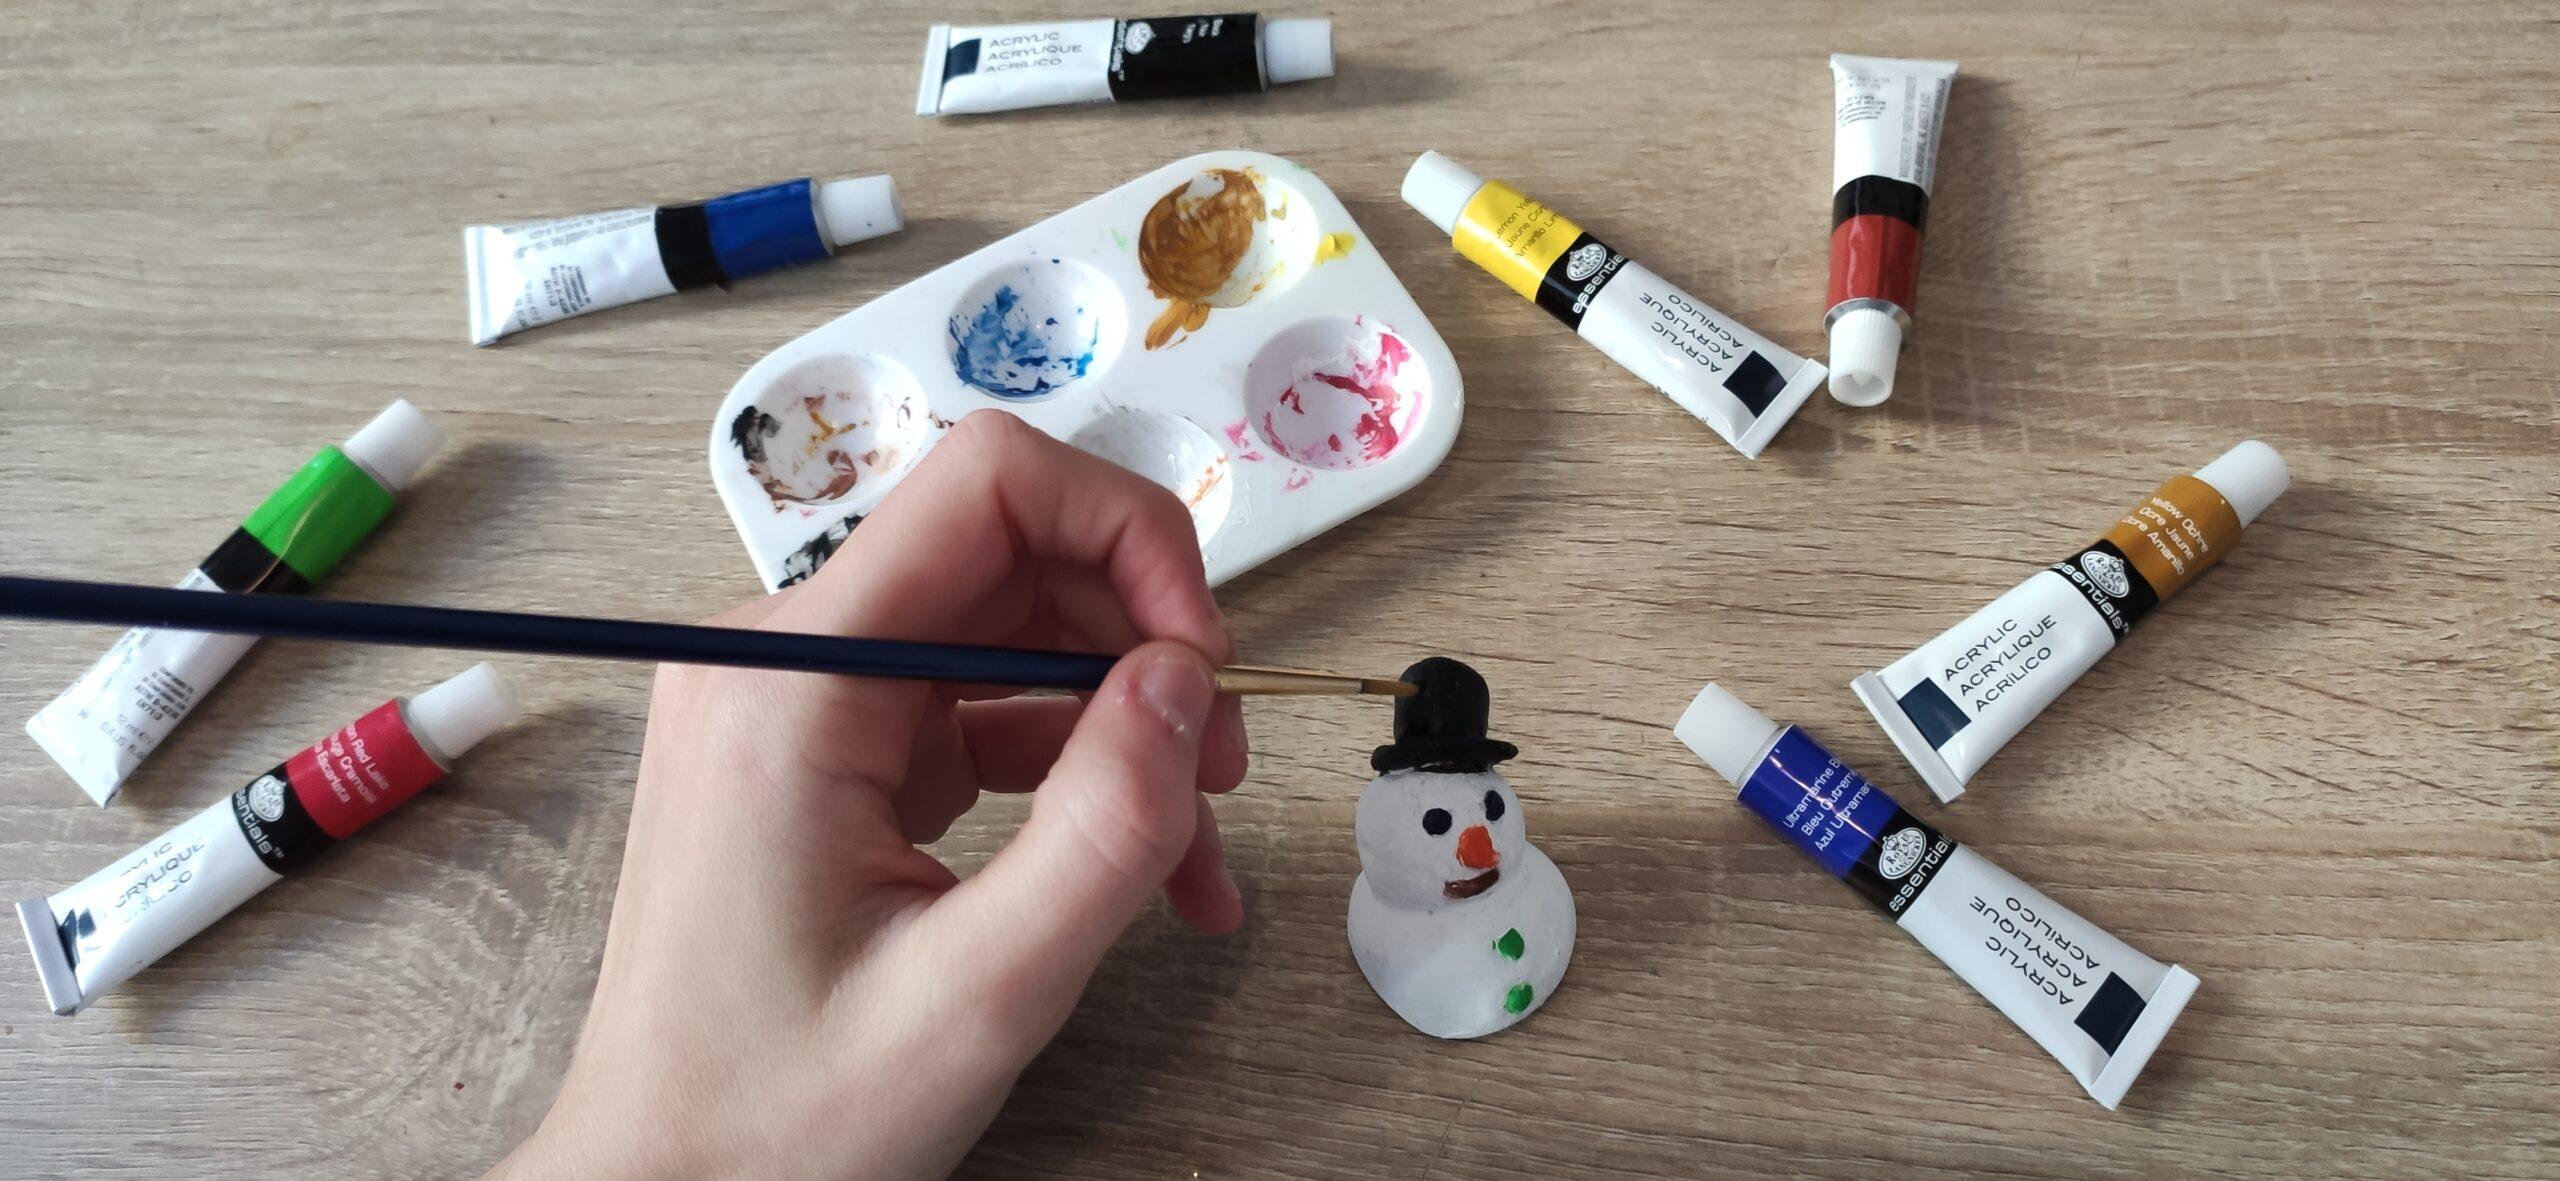 Focus sur un table. Un bonhomme de neige prend des couleurs. On voit une main, tenant un pinceau bleu, peignant le chapeau du bonhomme de neige en noir. Des tubes de peinture, bleu, ocre, rouge, vert, noir et rose sont présents. Un palette pleine de peinture est visible derrière la main.